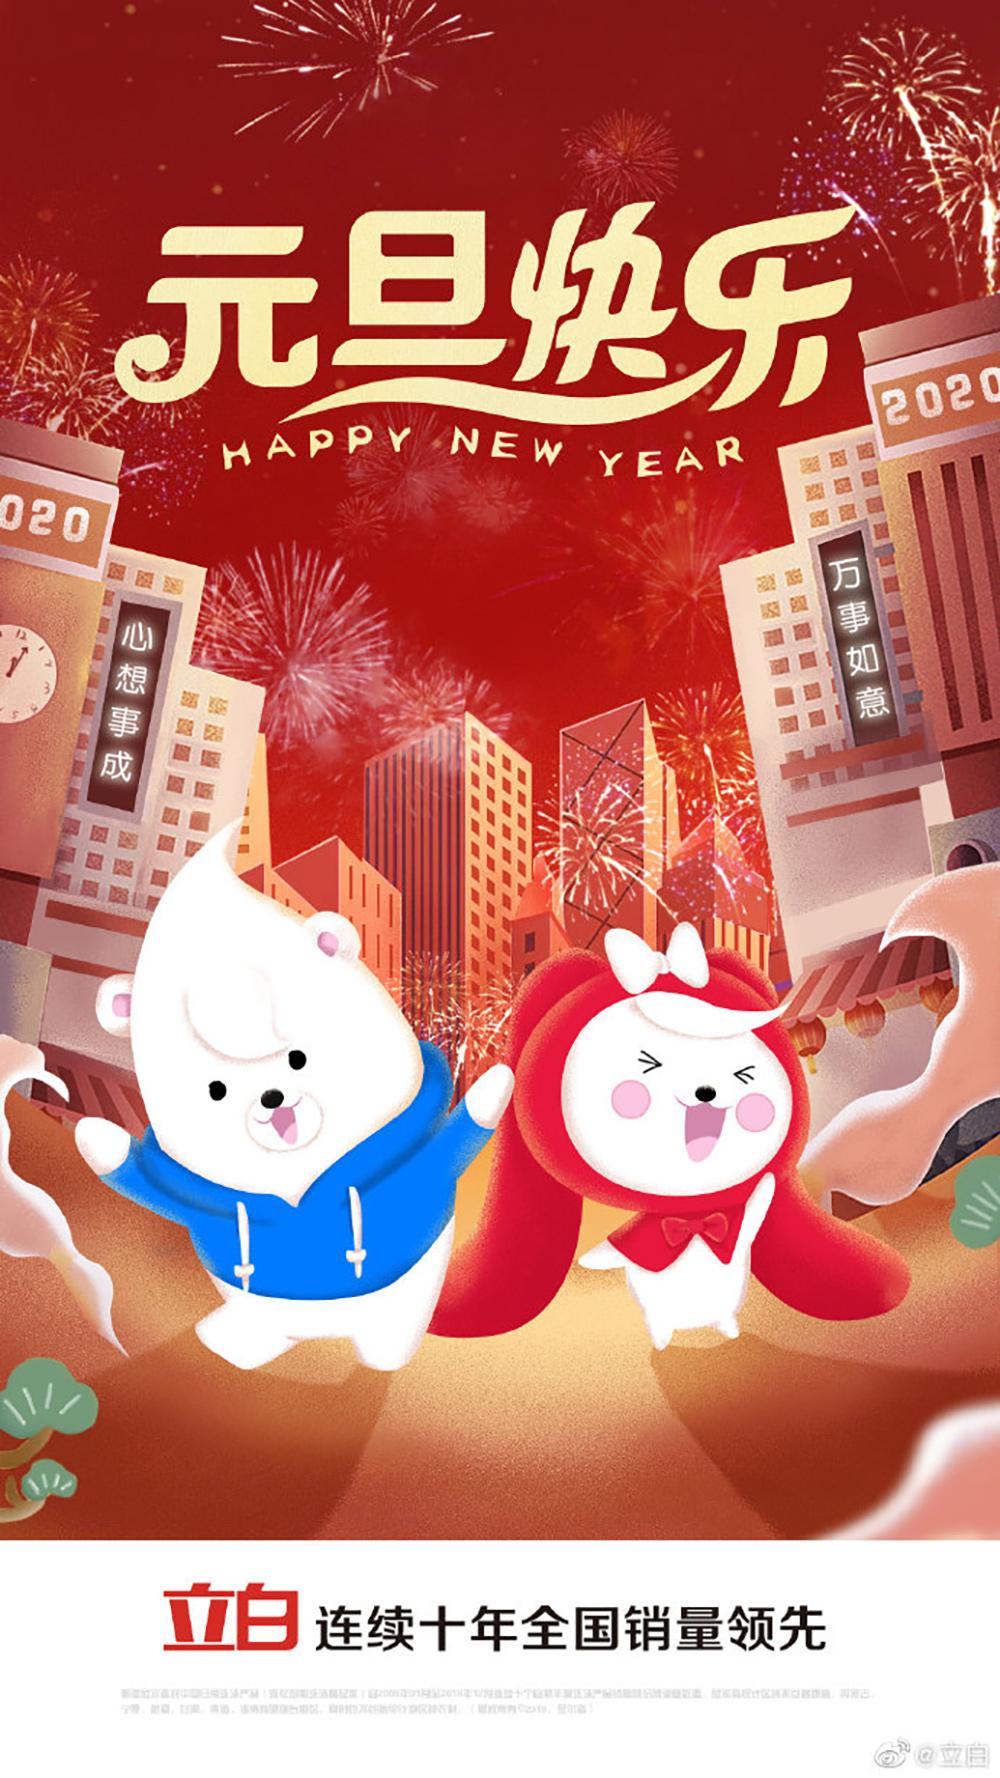 喜迎新年!12张元旦节借势海报设计